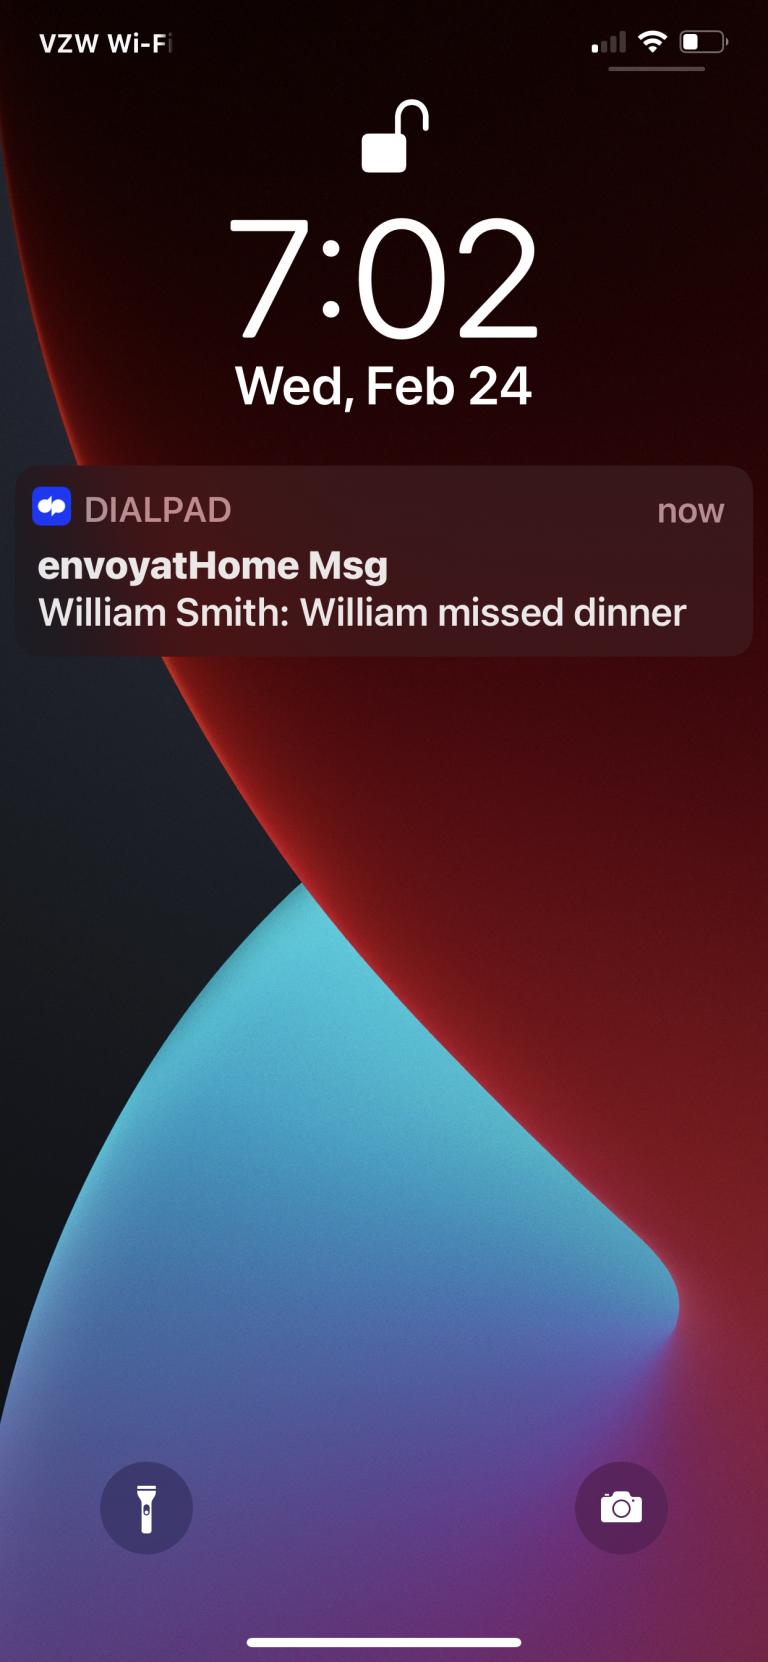 Virtual Caregiving Missed Dinner